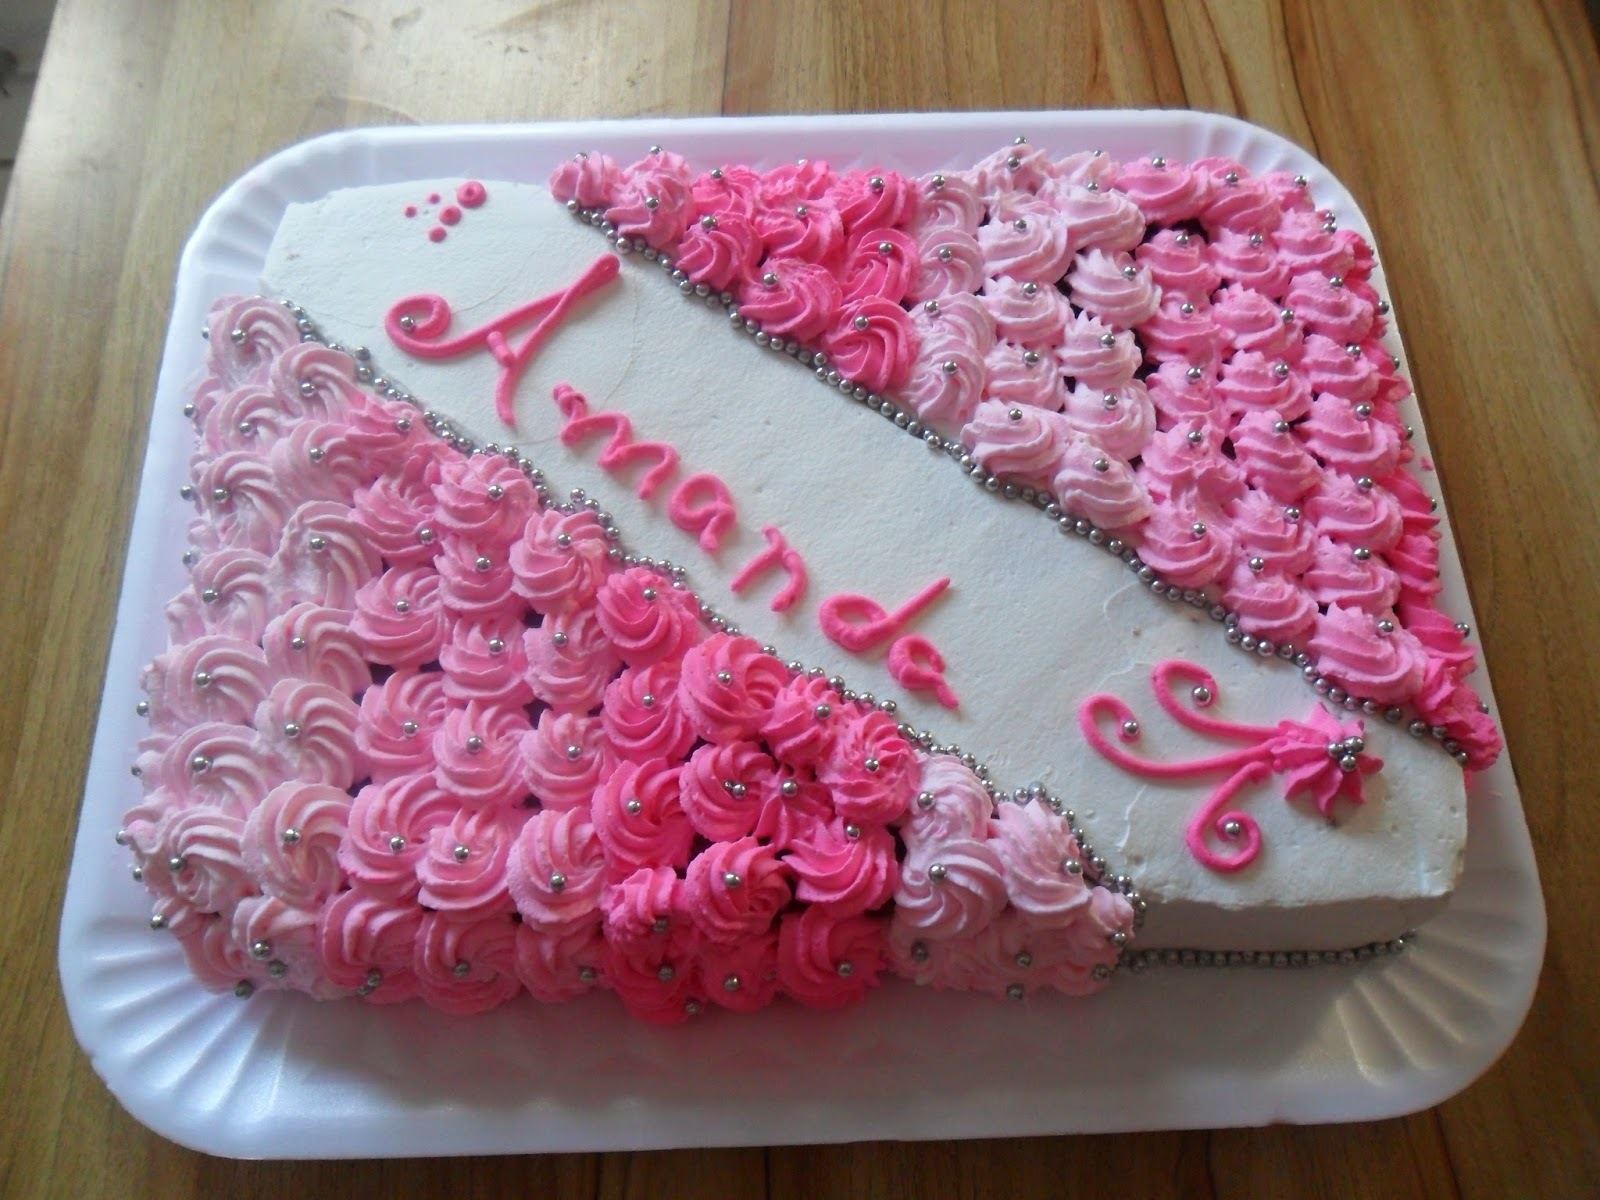 como decorar um bolo com chantilly com bicos